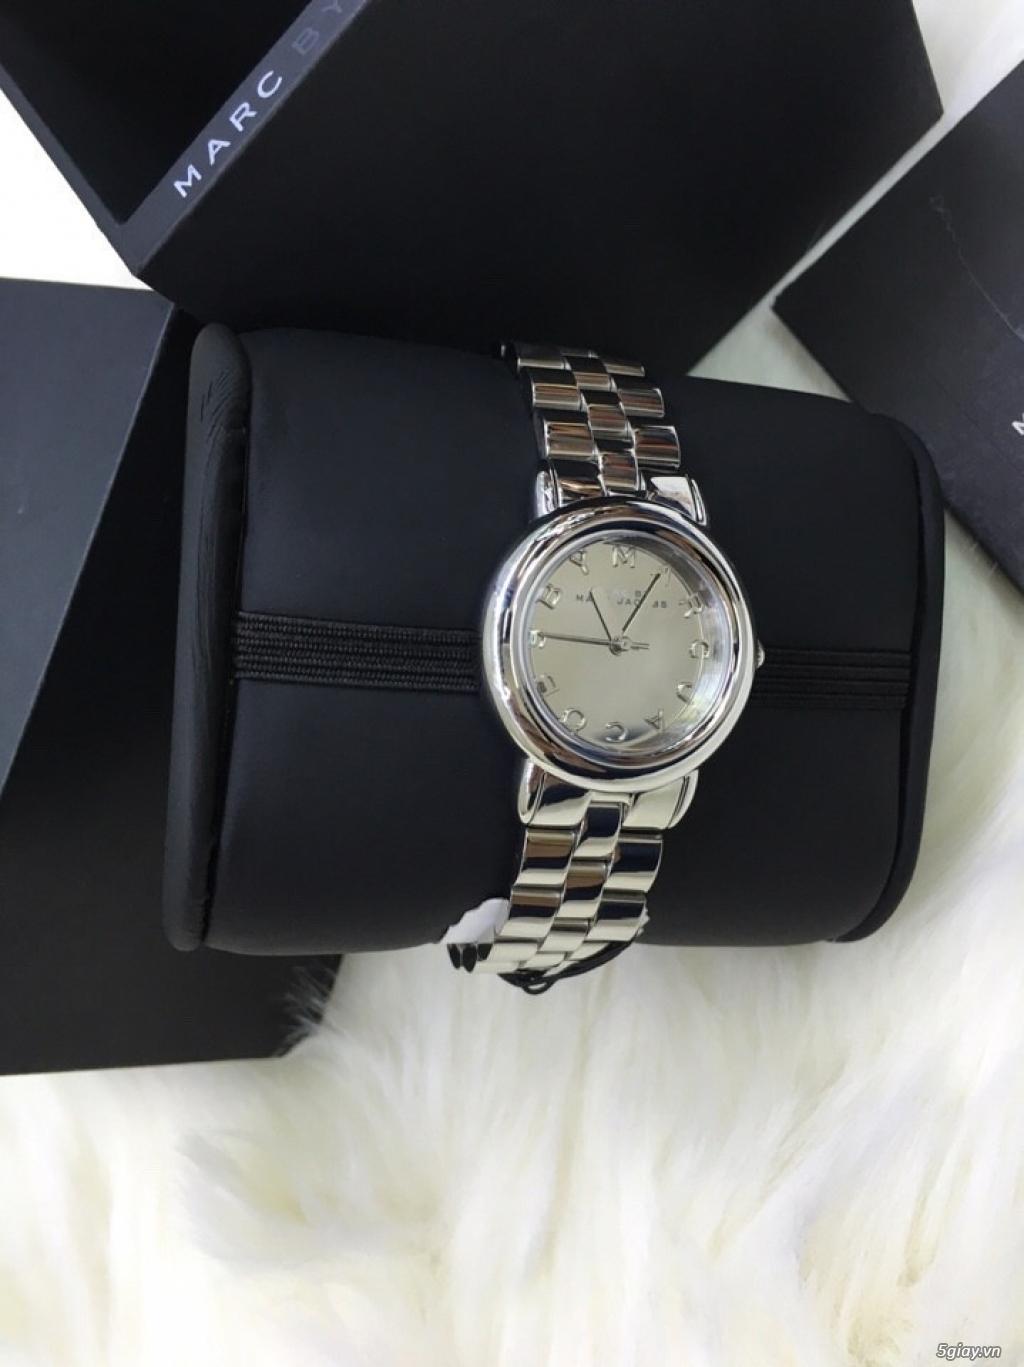 Đồng hồ chính hãng Michael Kors giá rẻ - 5